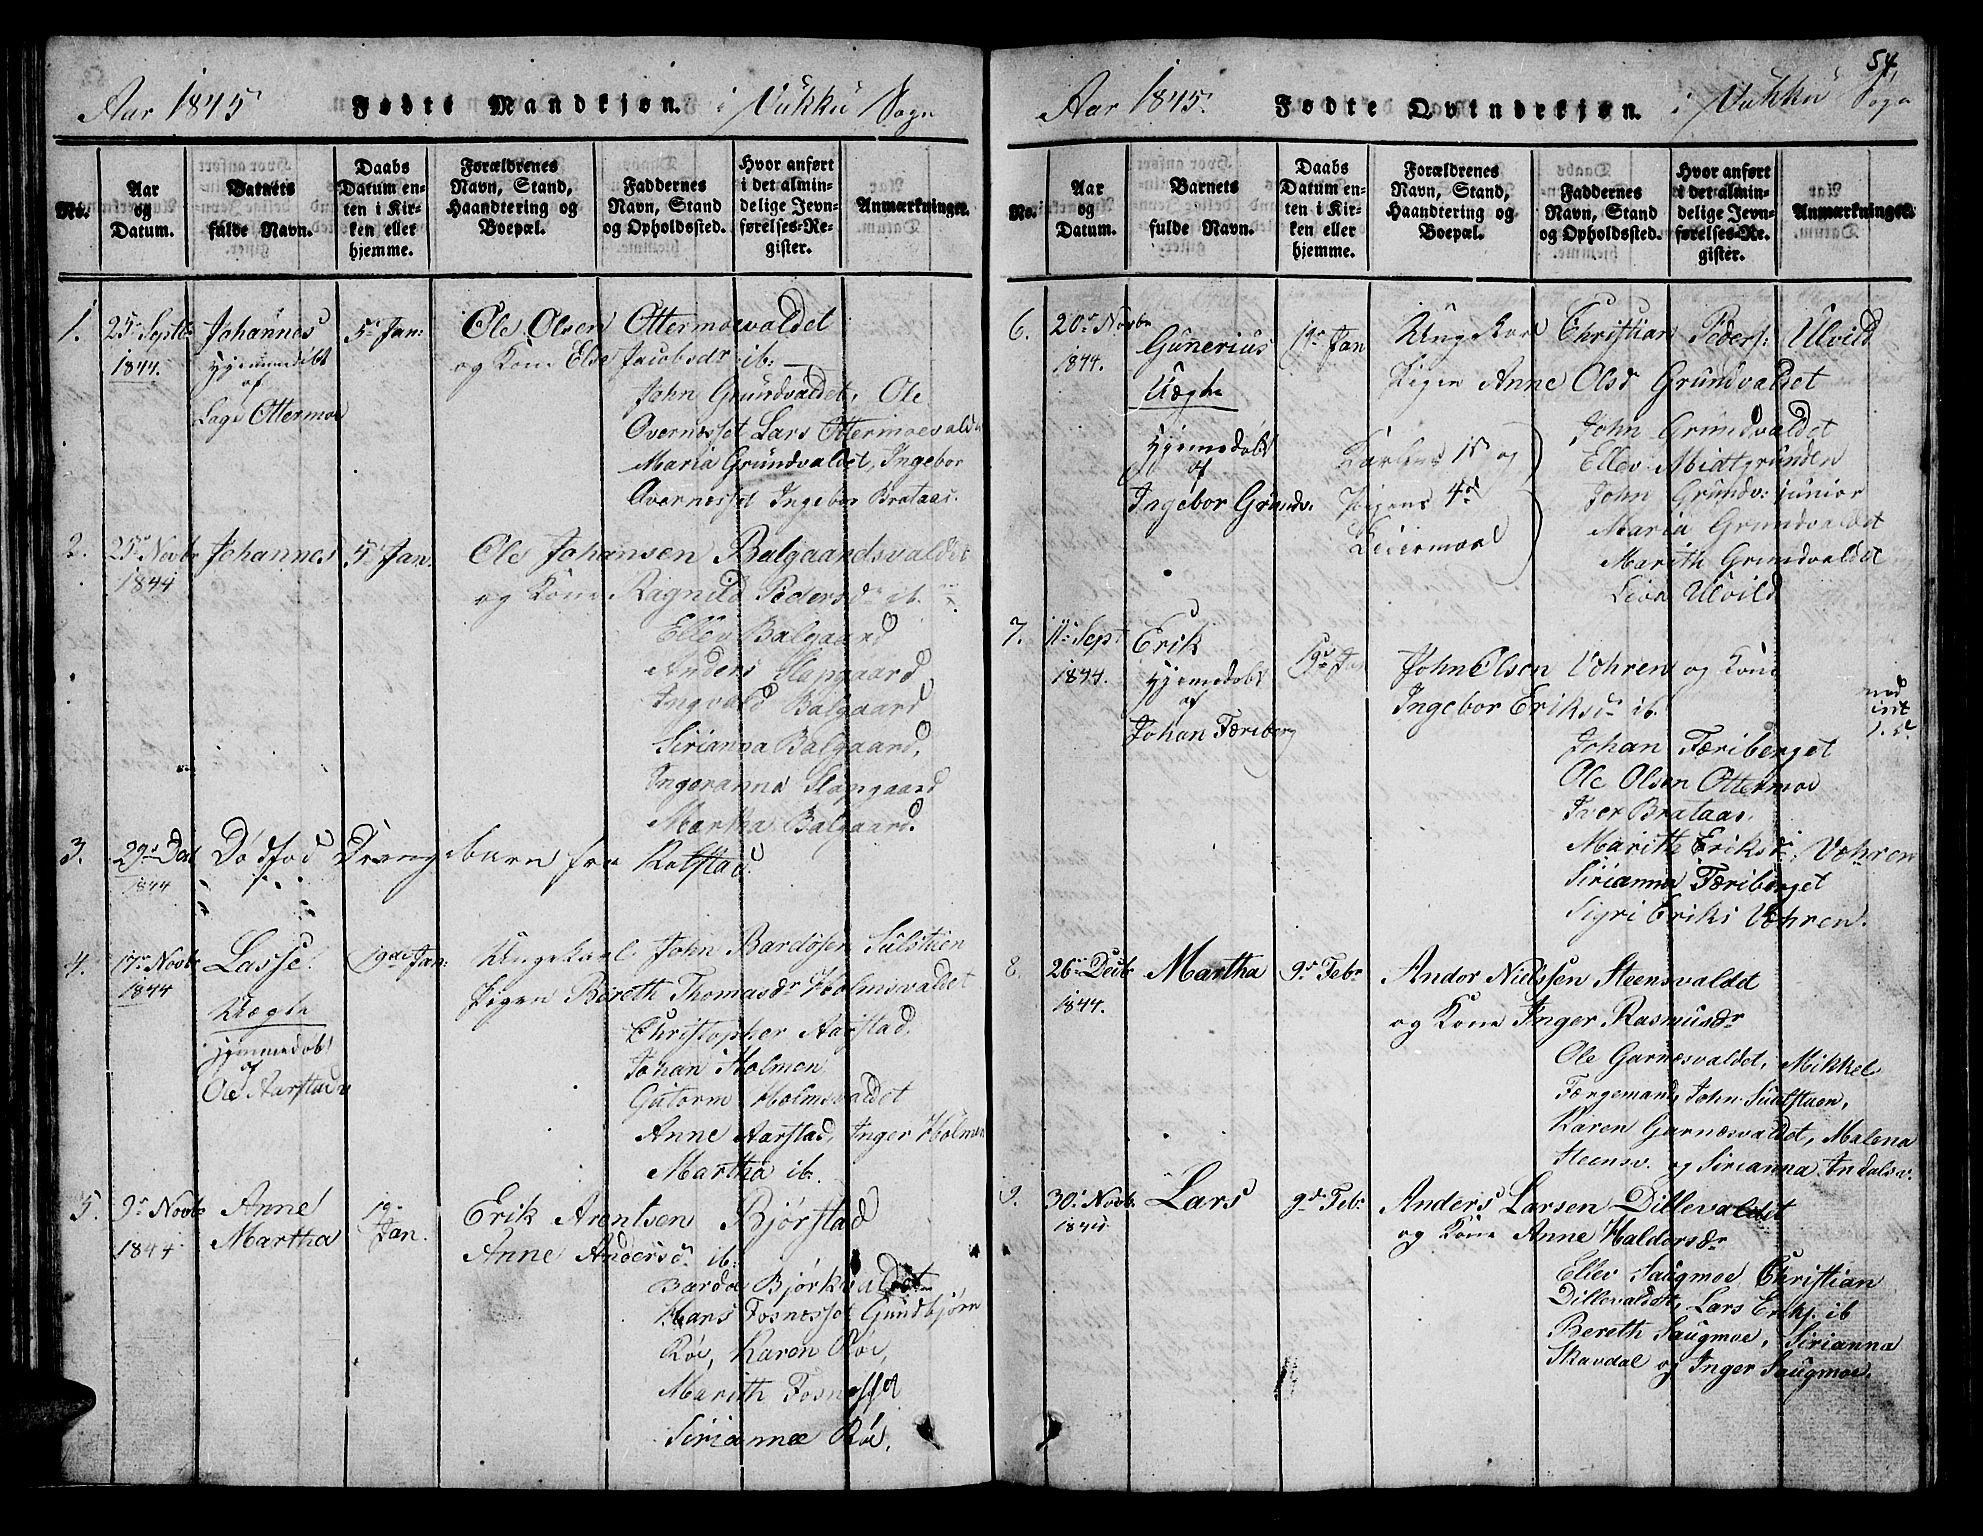 SAT, Ministerialprotokoller, klokkerbøker og fødselsregistre - Nord-Trøndelag, 723/L0251: Klokkerbok nr. 723C01 /2, 1843-1845, s. 54